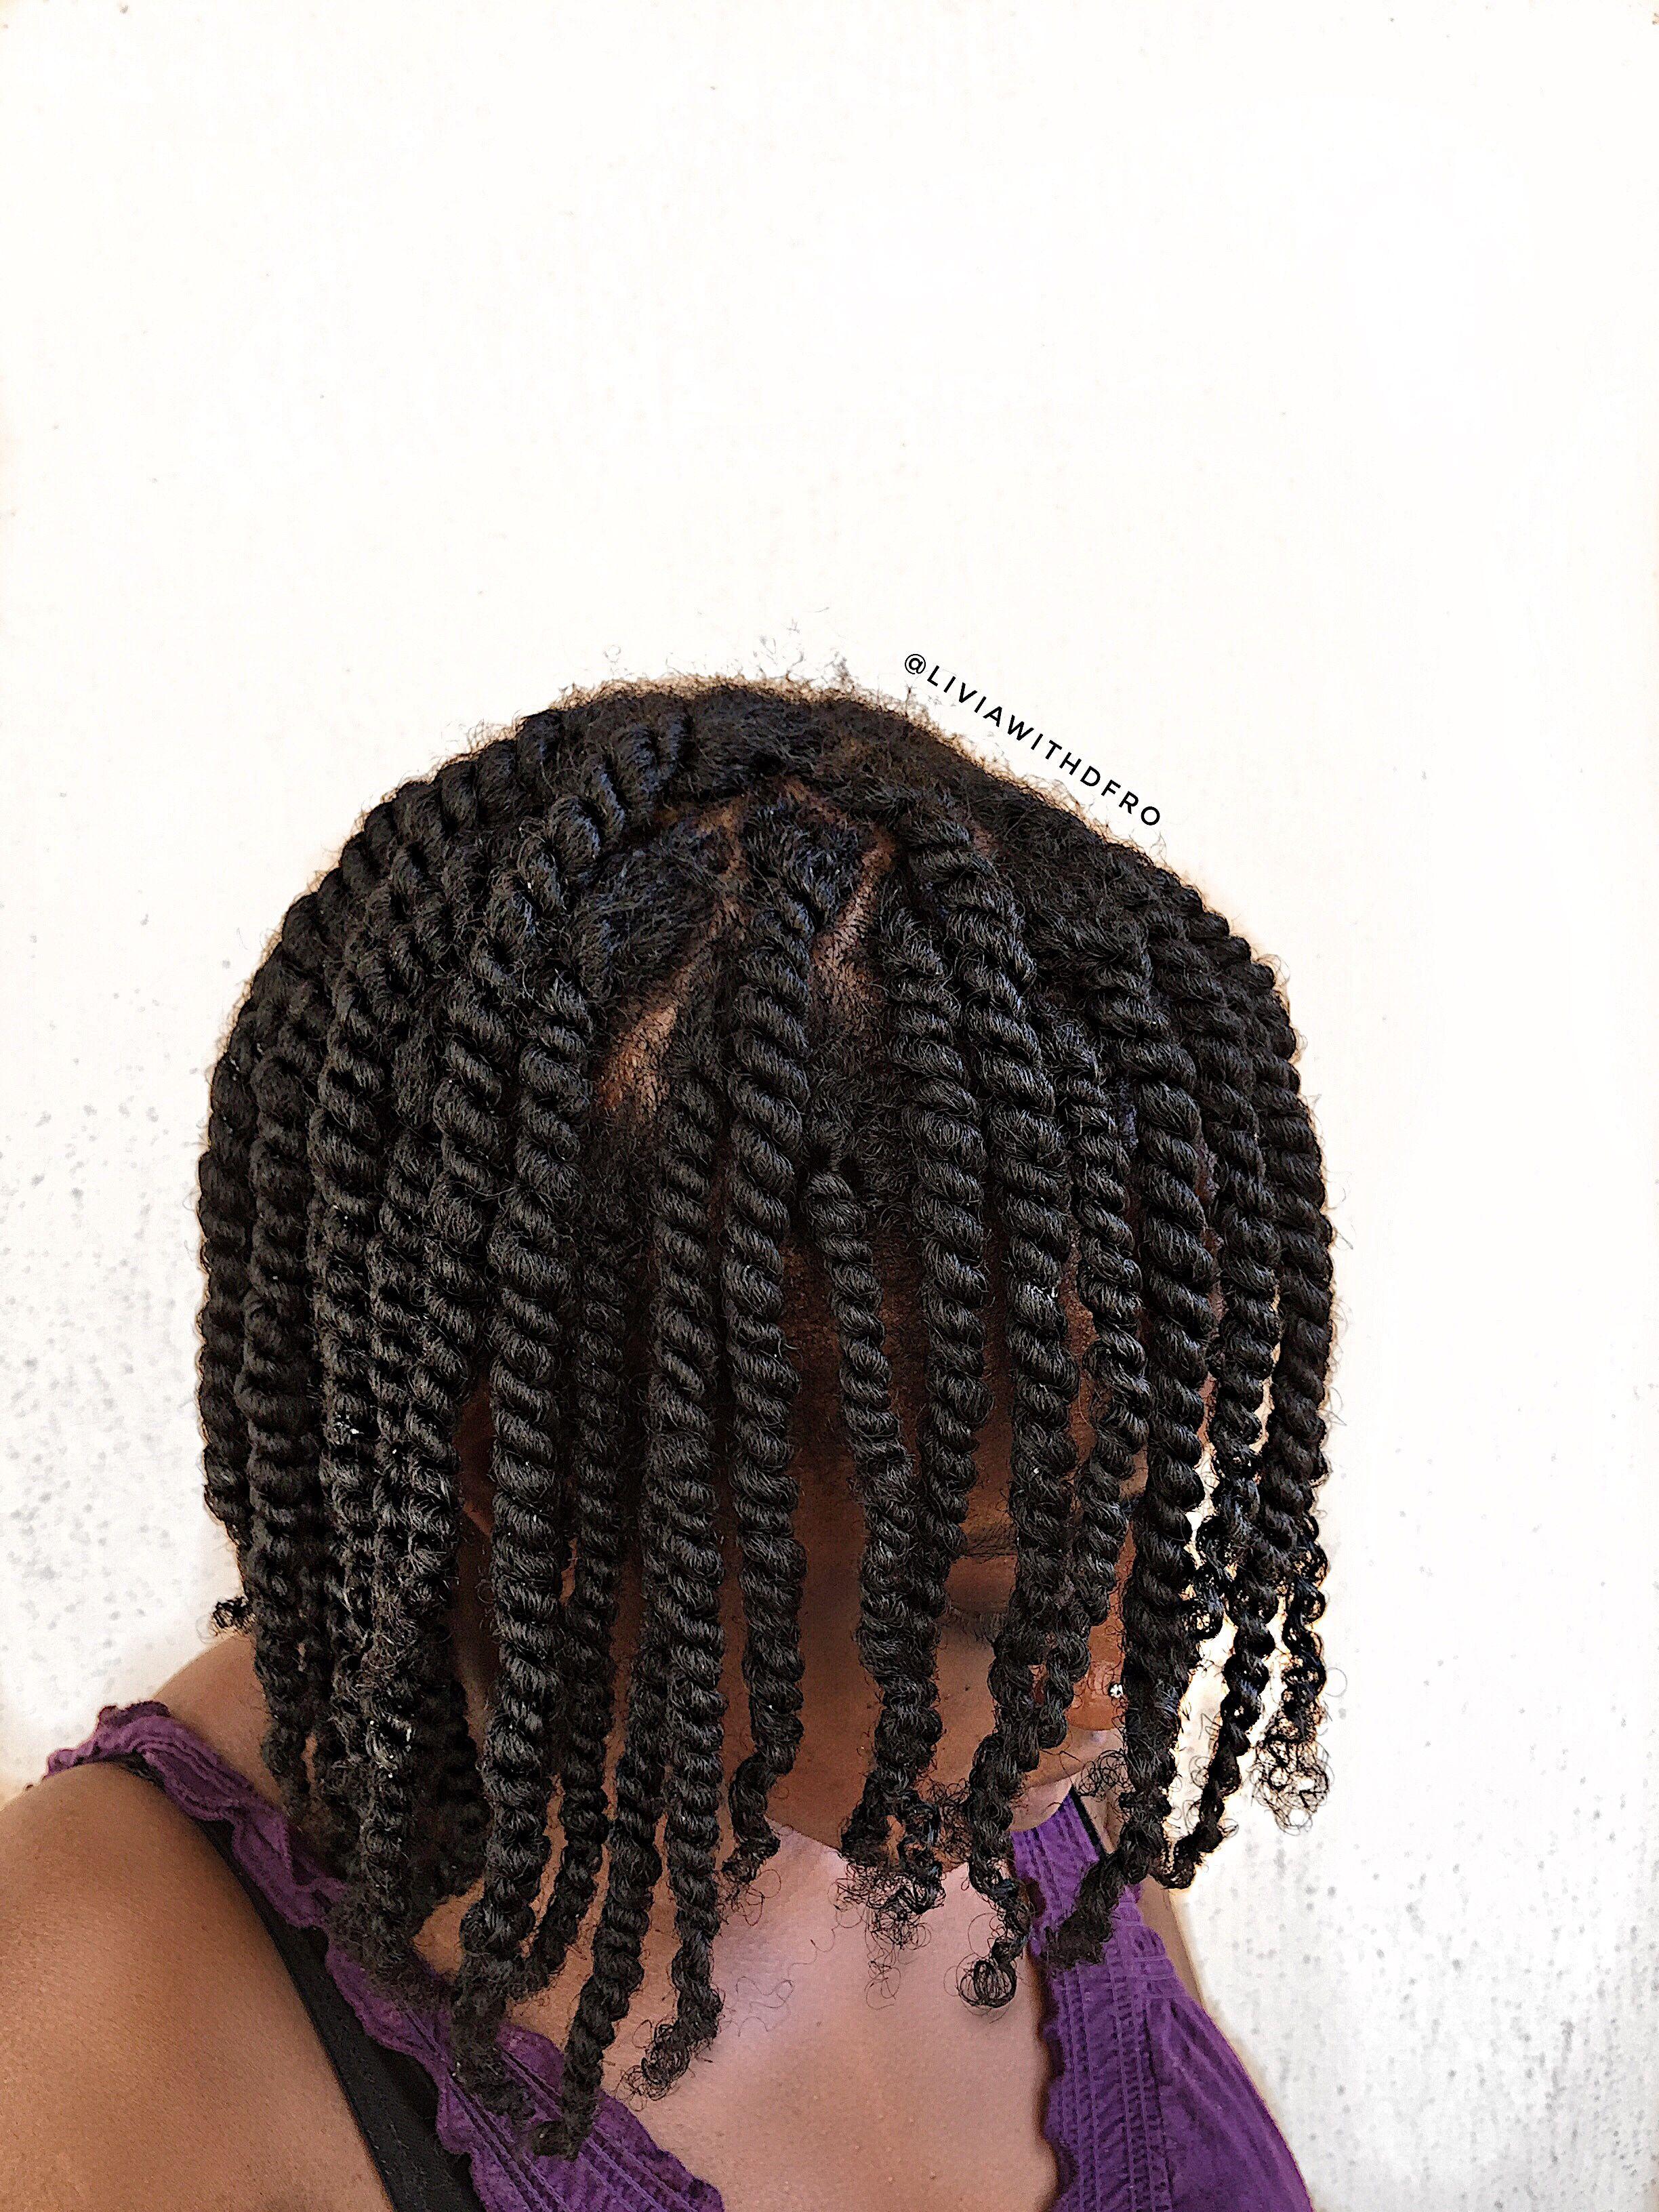 4c natural hair twostrand twist outtutorial - HD2448×3264